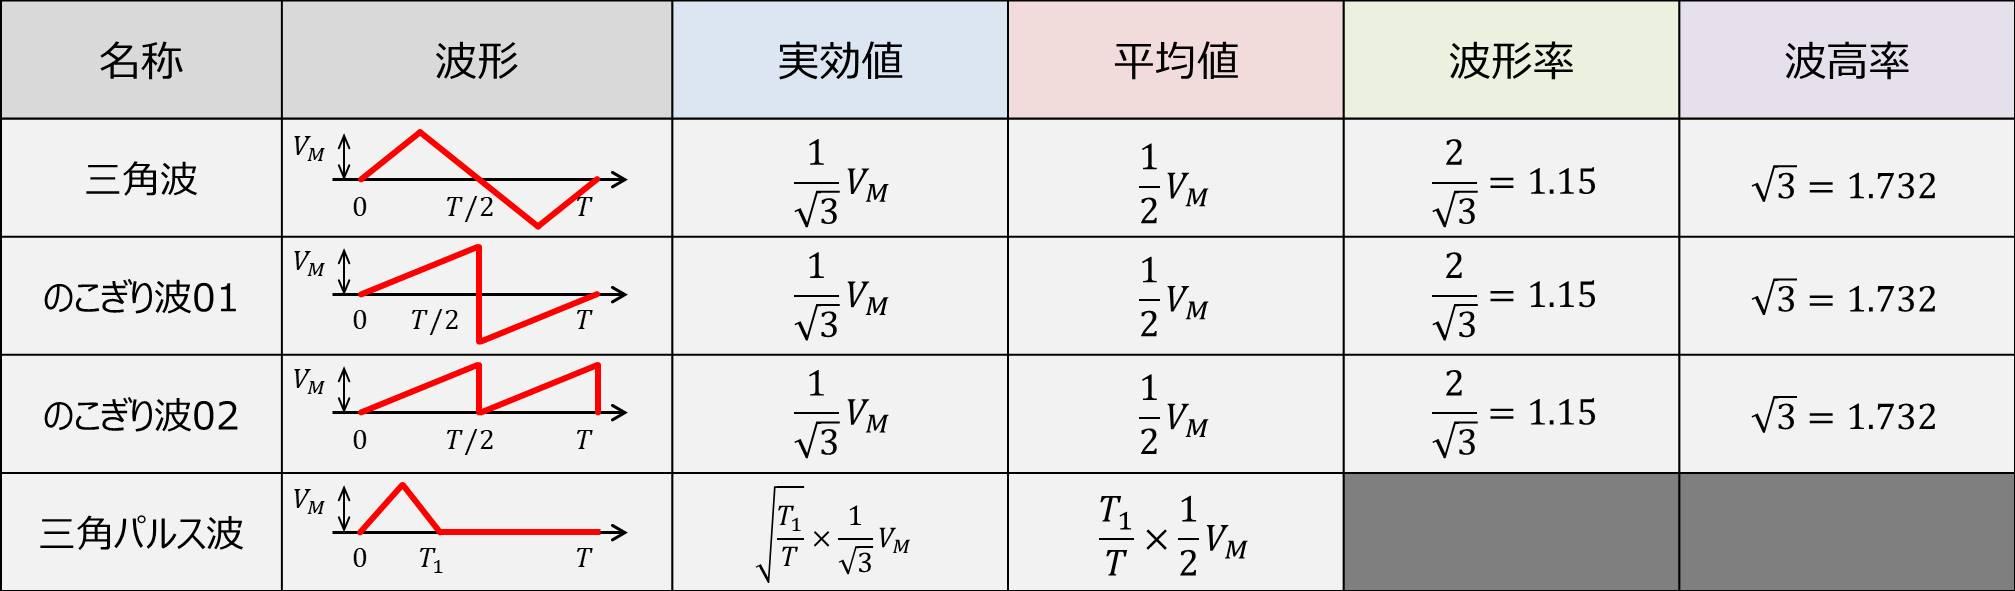 三角波関係の『実効値・平均値・波形率・波高率』